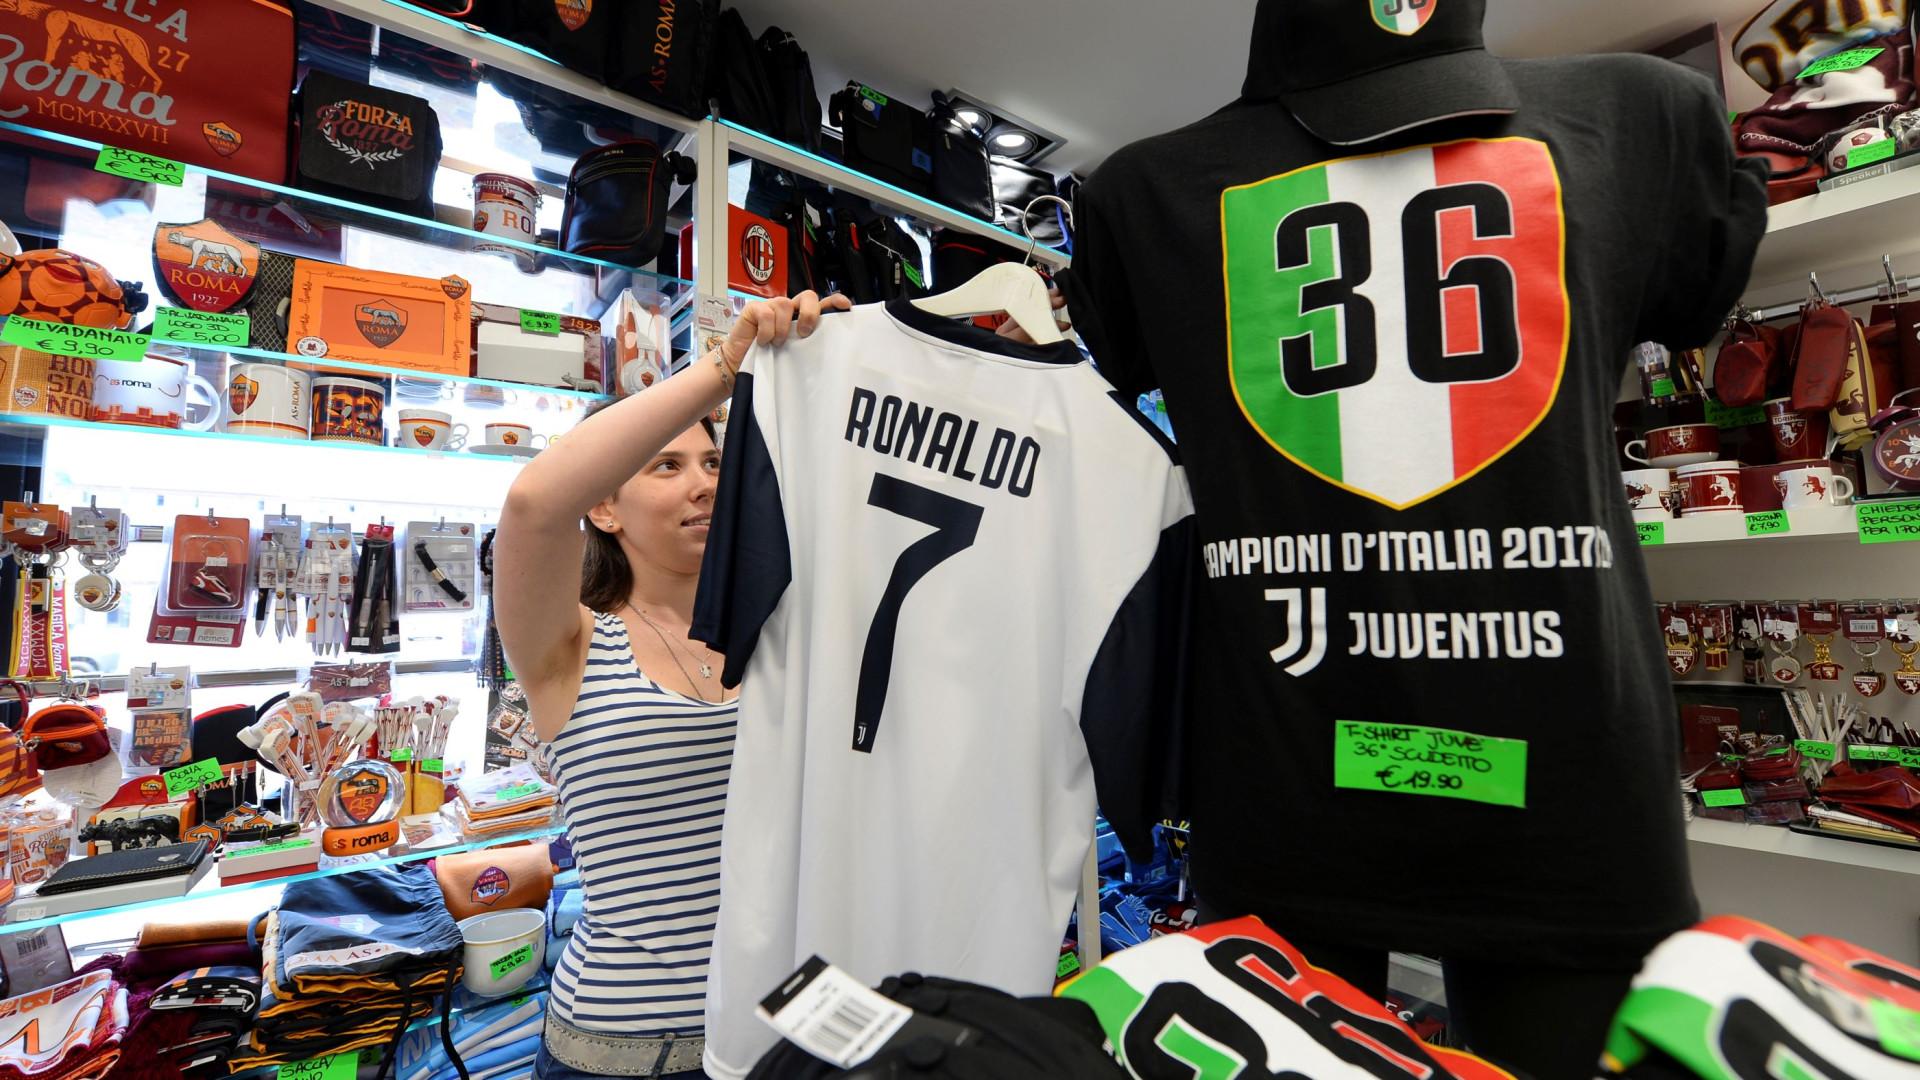 Impressionante  Juventus já ganhou metade do dinheiro gasto em Ronaldo e1f747bed48d7